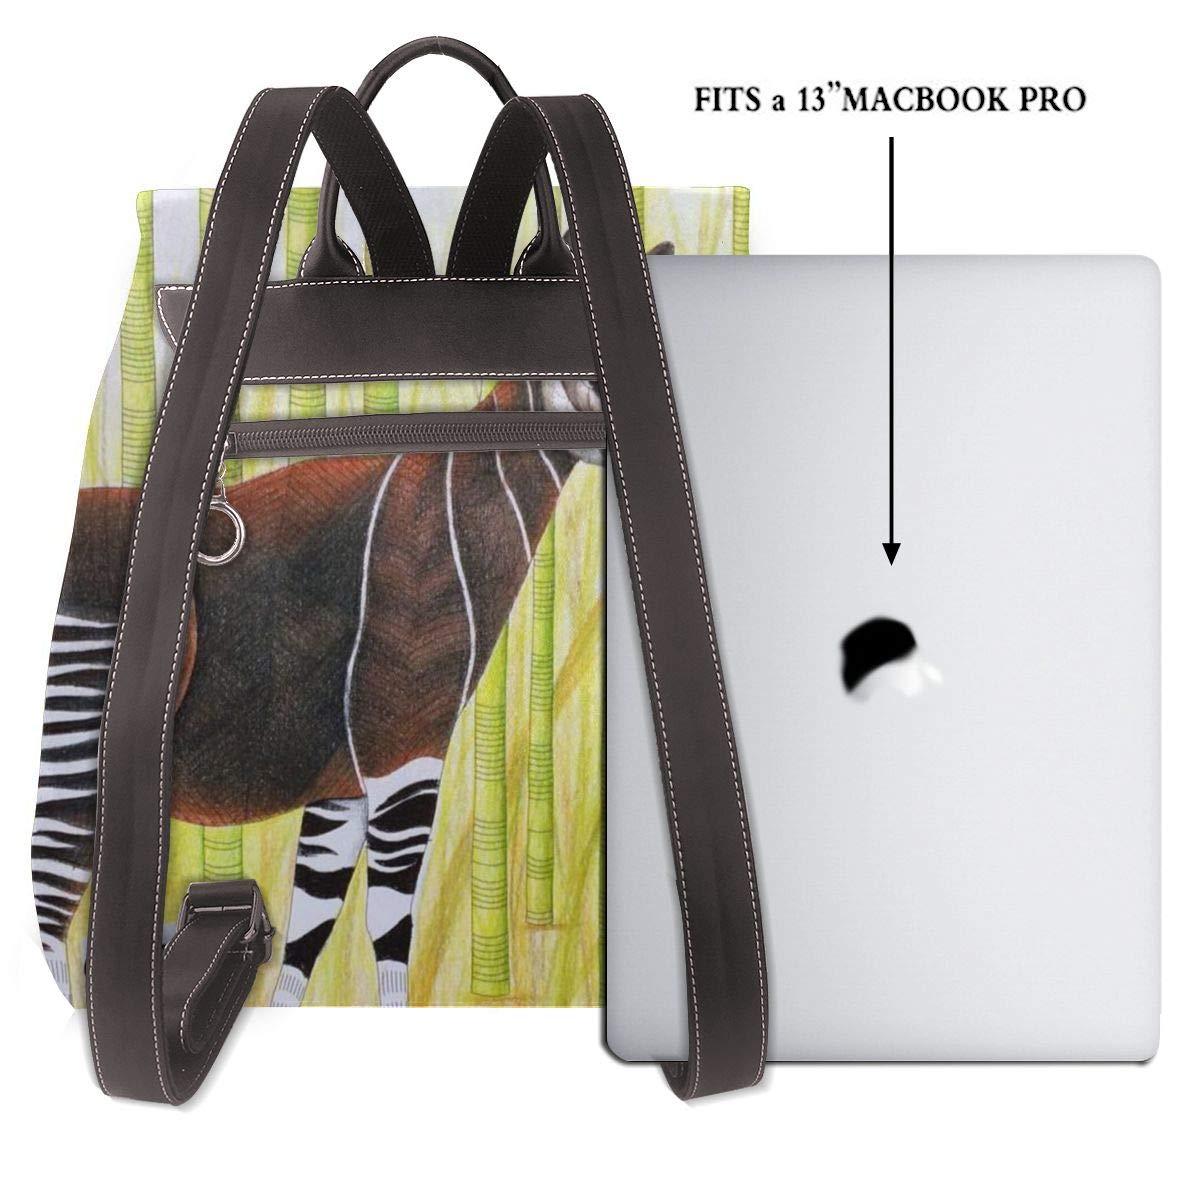 Skydd Okapi giraffer kvinnor mode äkta läder ryggsäck flickor resa skola mini axelväska Protection Okapi Giraffes